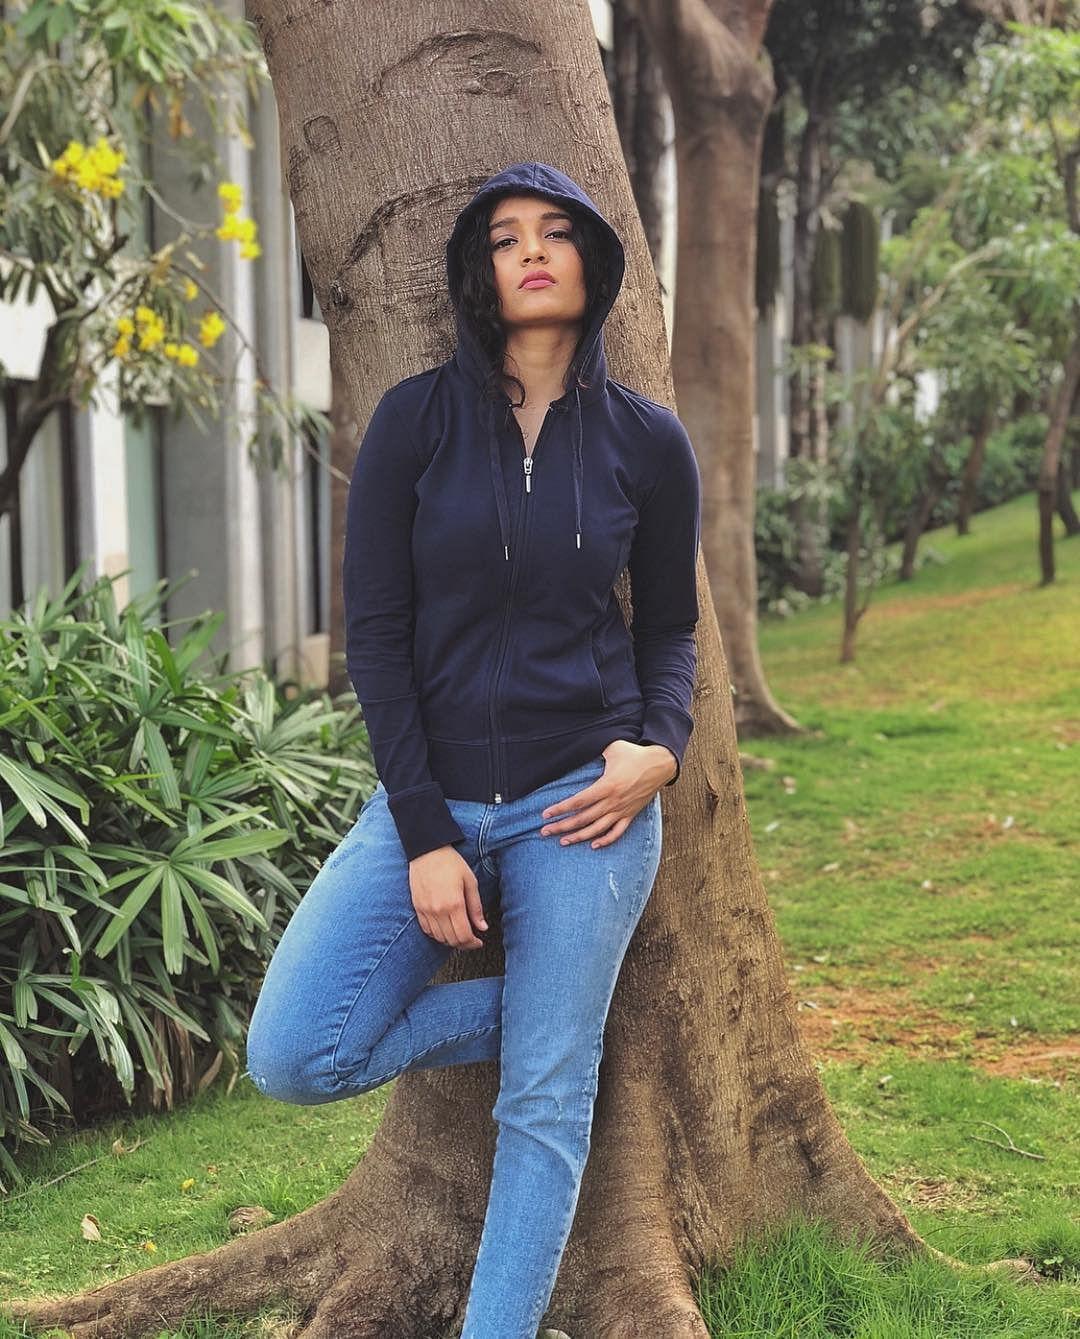 ரித்திகா சிங்